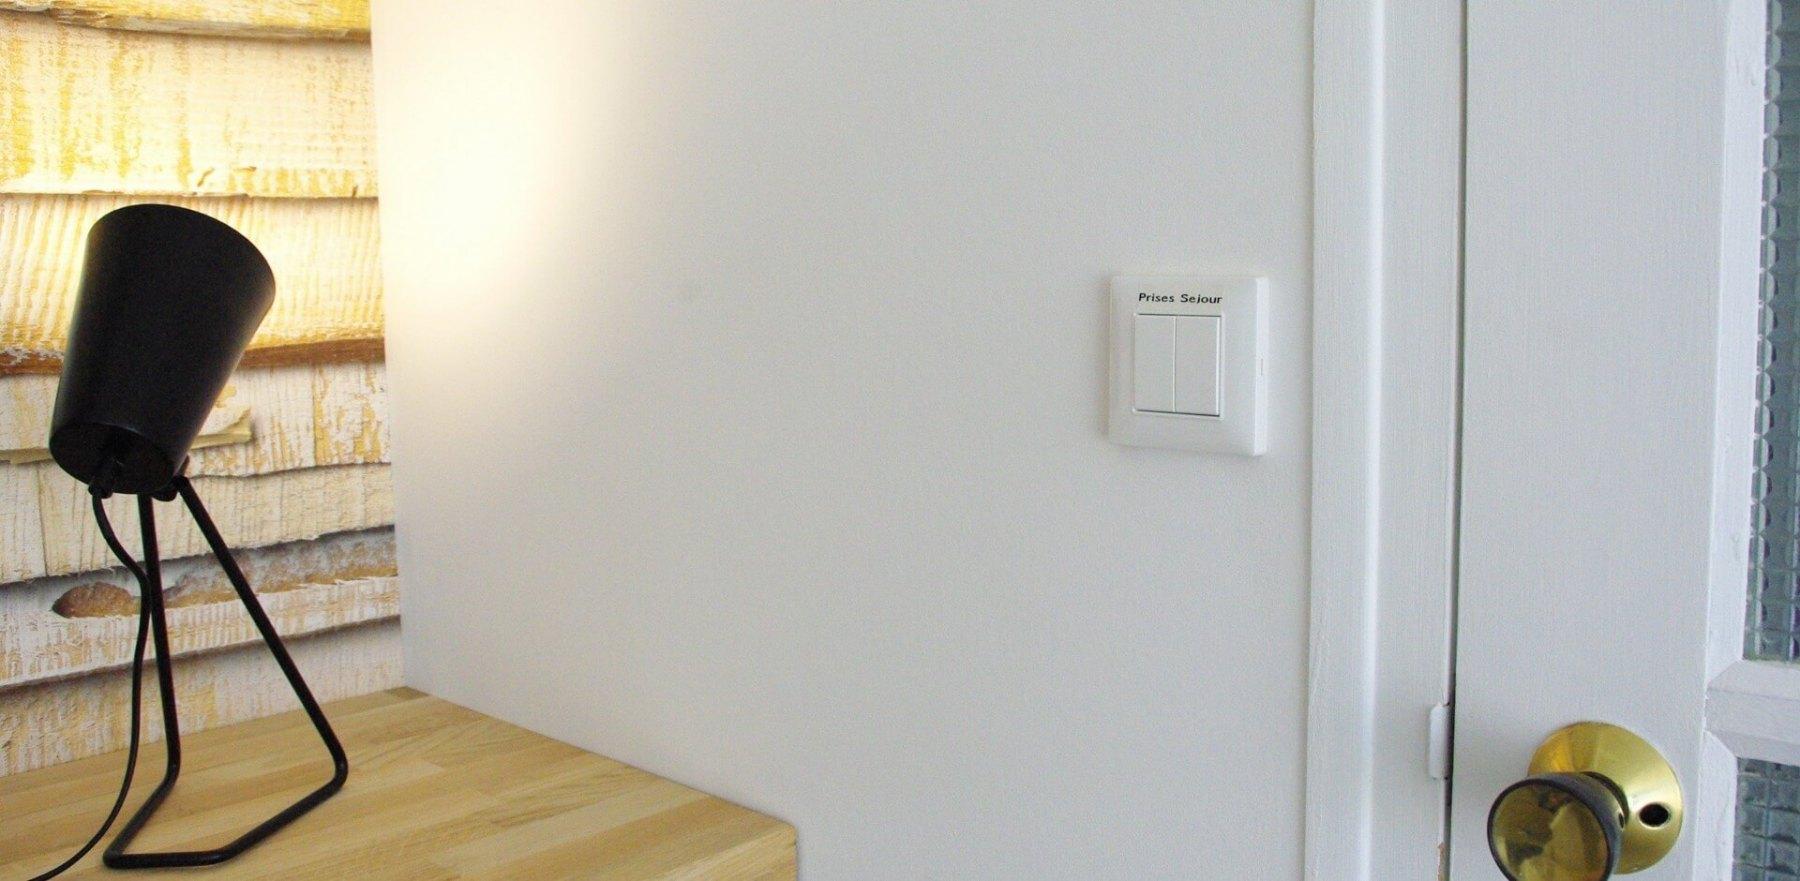 Dupliquer les interrupteurs sans difficulté